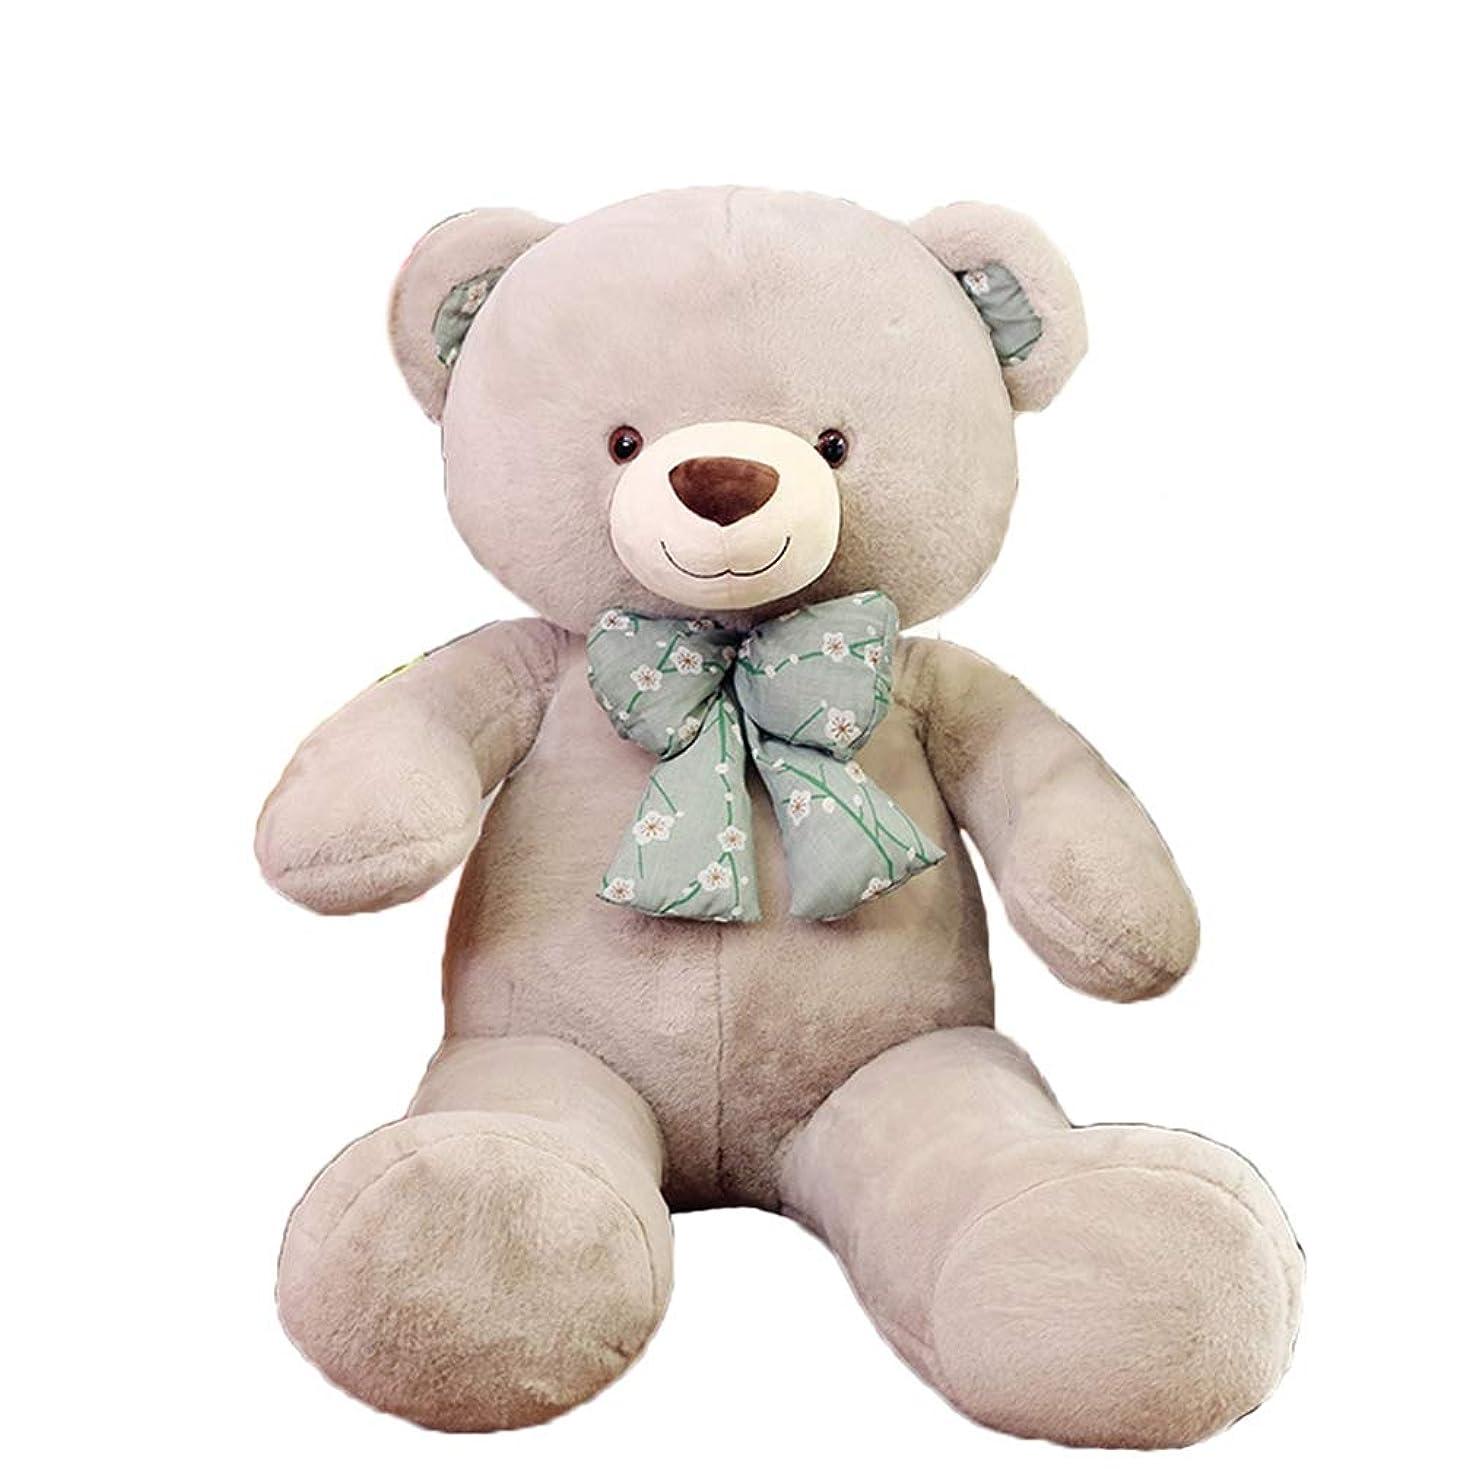 遺伝的無効にするインテリア熊縫い包み 特大 クッション くま テディベア ぬいぐるみ 可愛い 癒し 柔らかい 可愛いキャラクター 抱き枕 ベッドルーム 置物 もちもち 赤ちゃん インテリア お昼寝 ふわふわ 添い寝枕 グレー